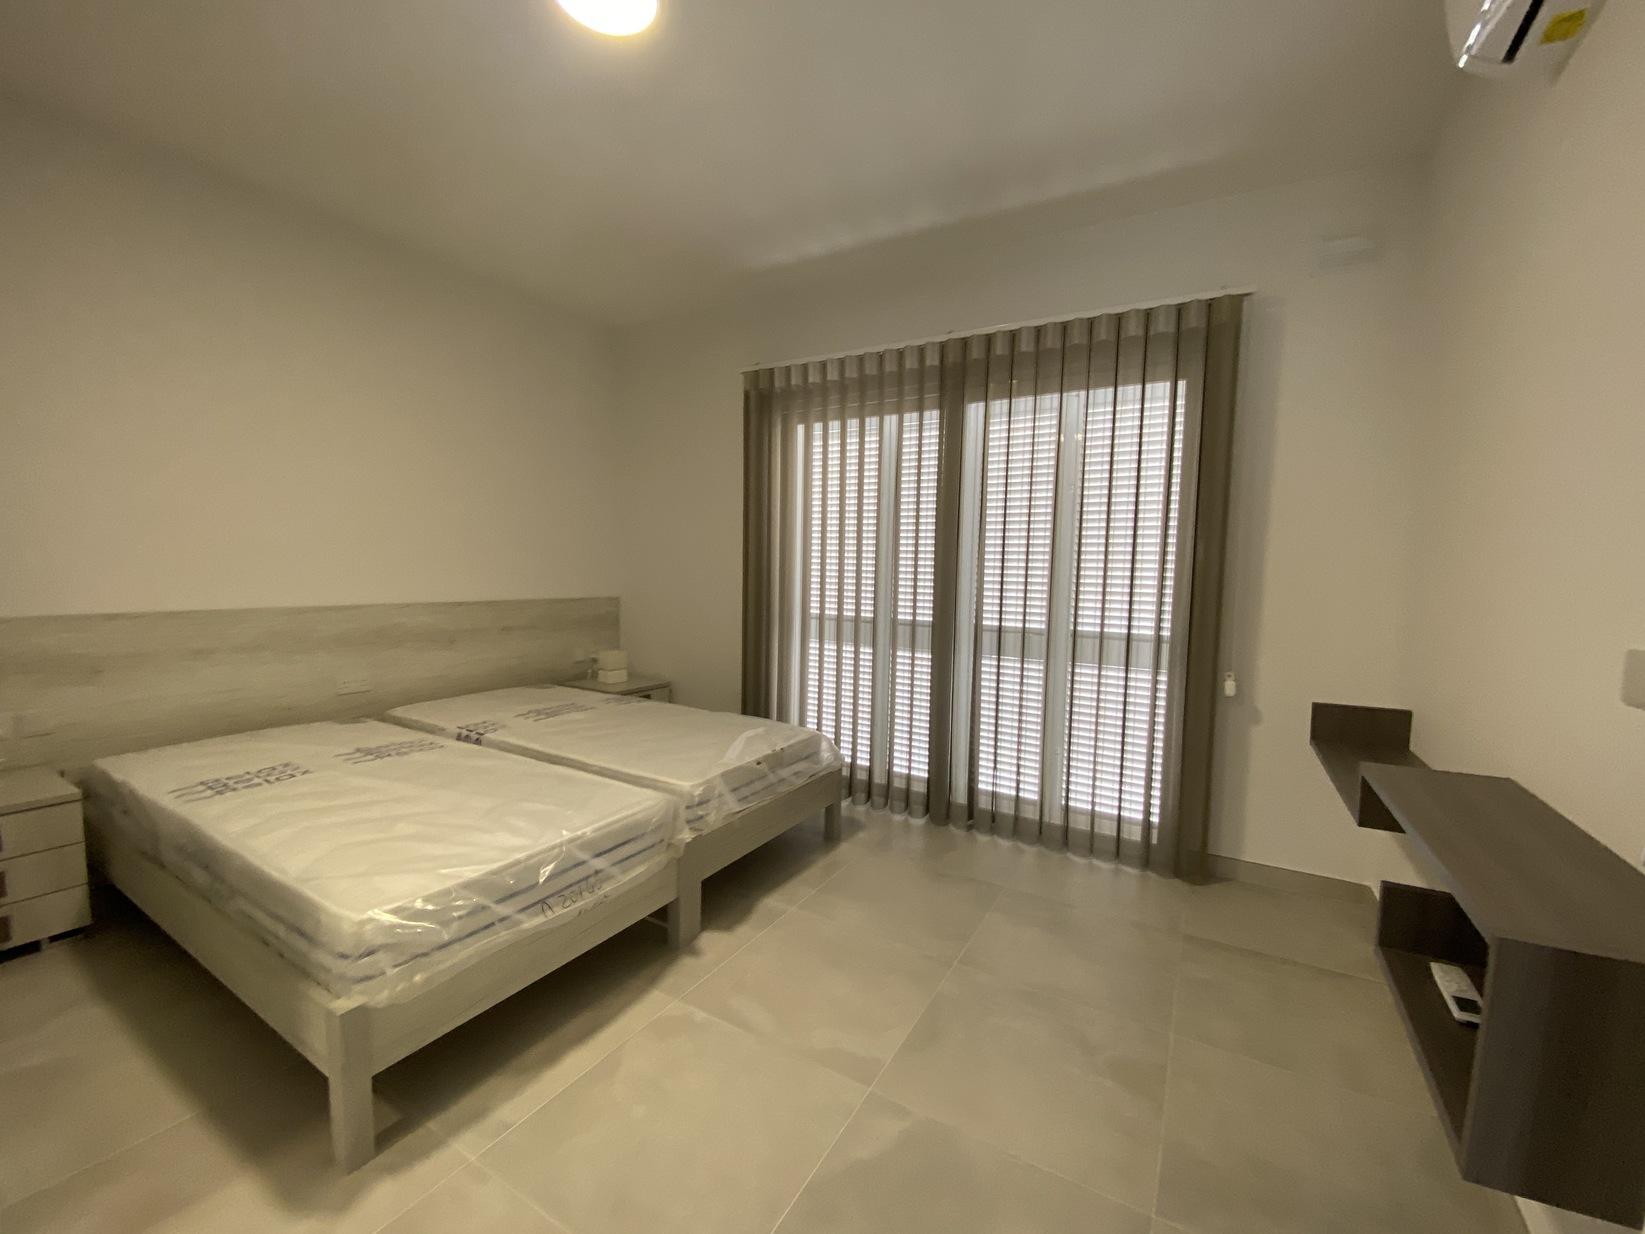 3 bed Maisonette For Rent in Lija, Lija - thumb 12